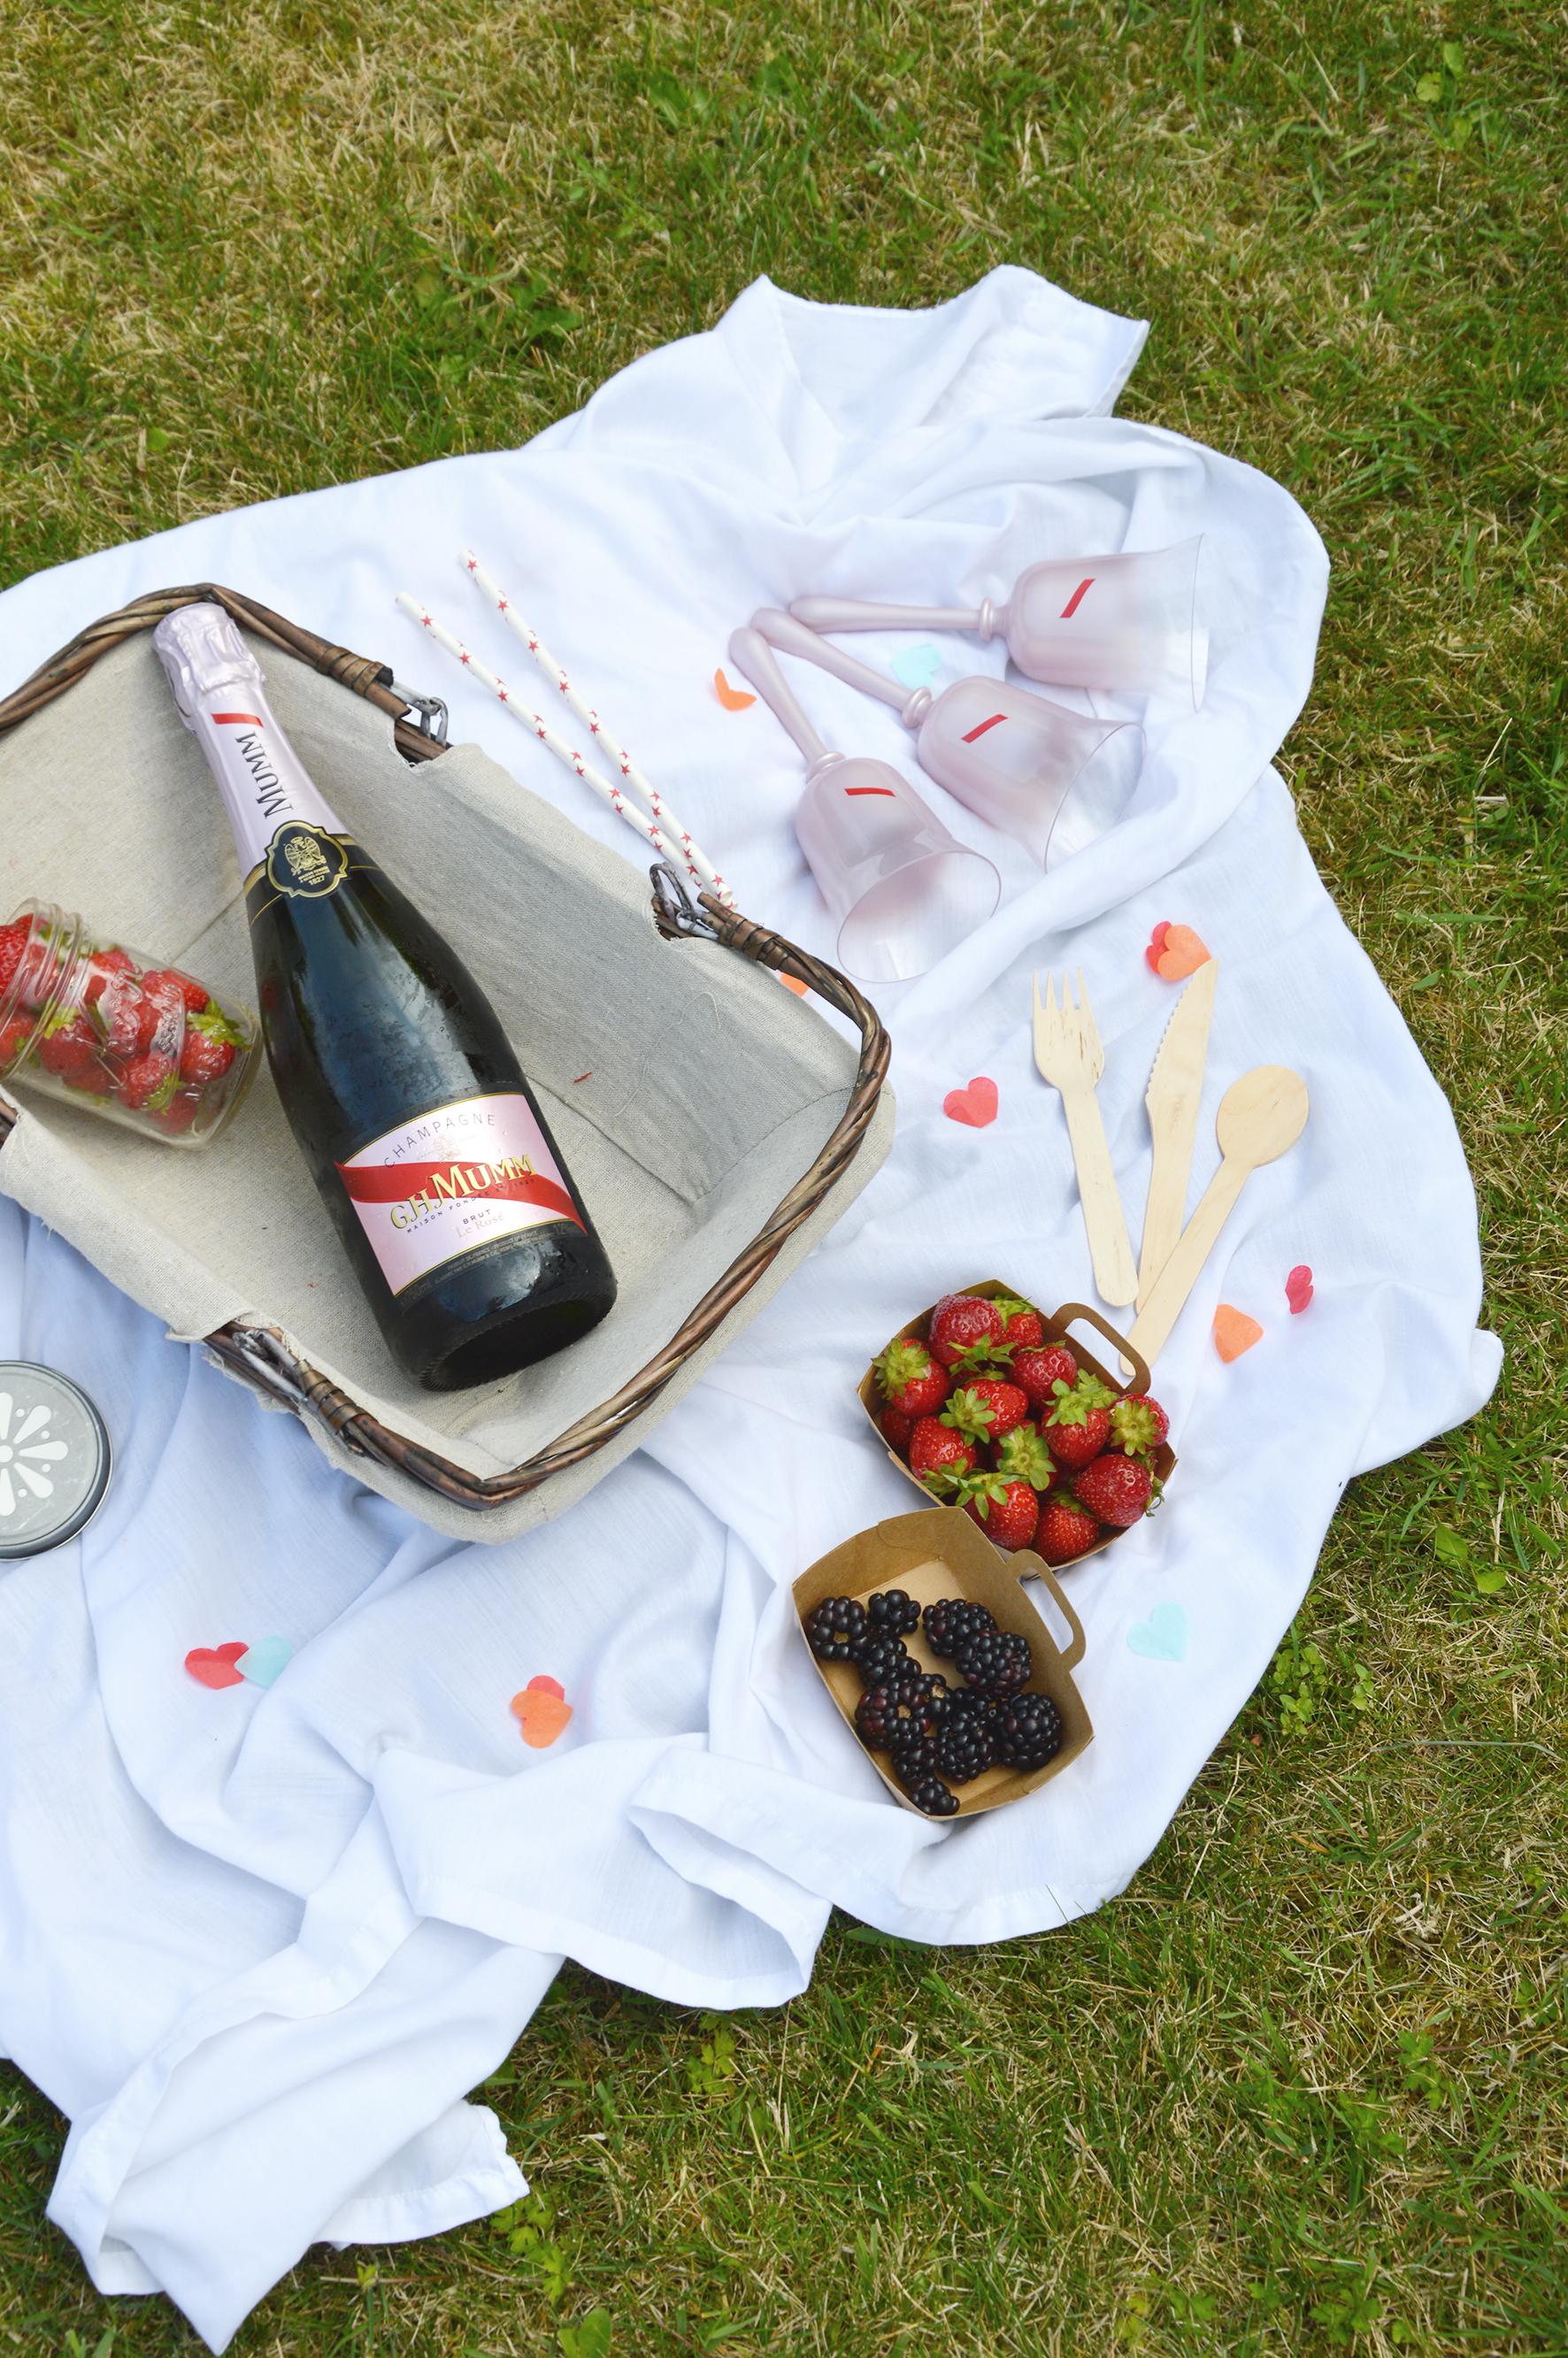 pavlova au citron et confiture fraise m re champagne ros g h mumm ros time pour les 1 an. Black Bedroom Furniture Sets. Home Design Ideas